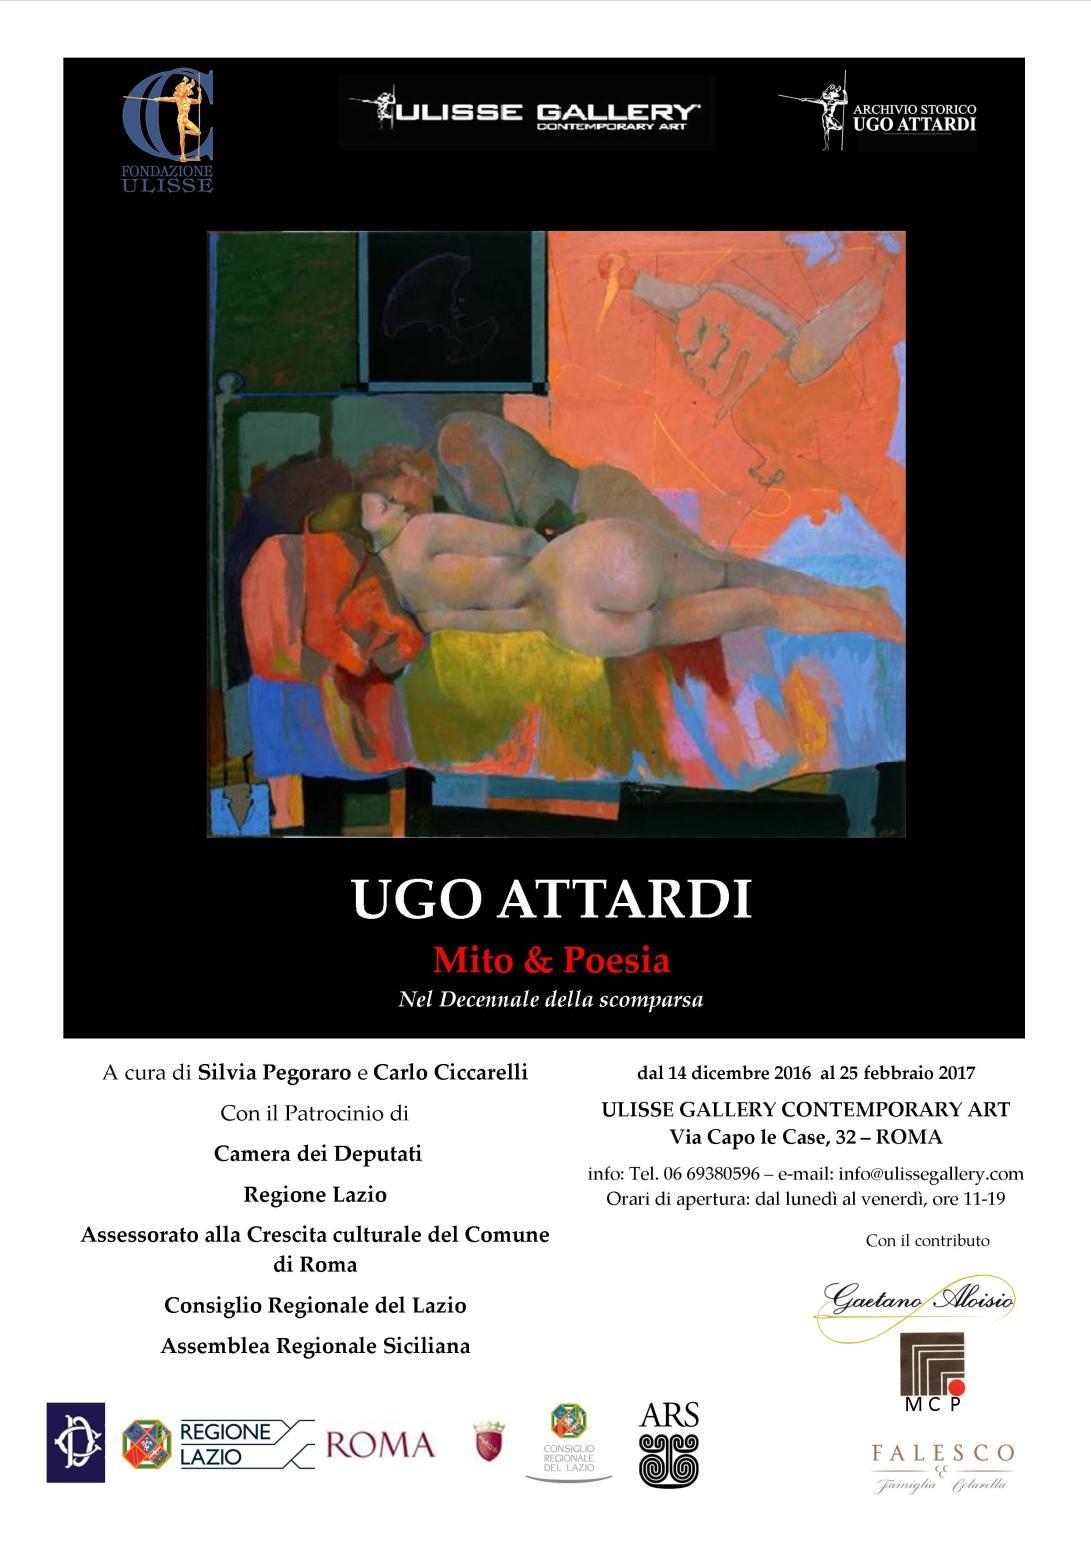 ugo-attardi-mito-poesia